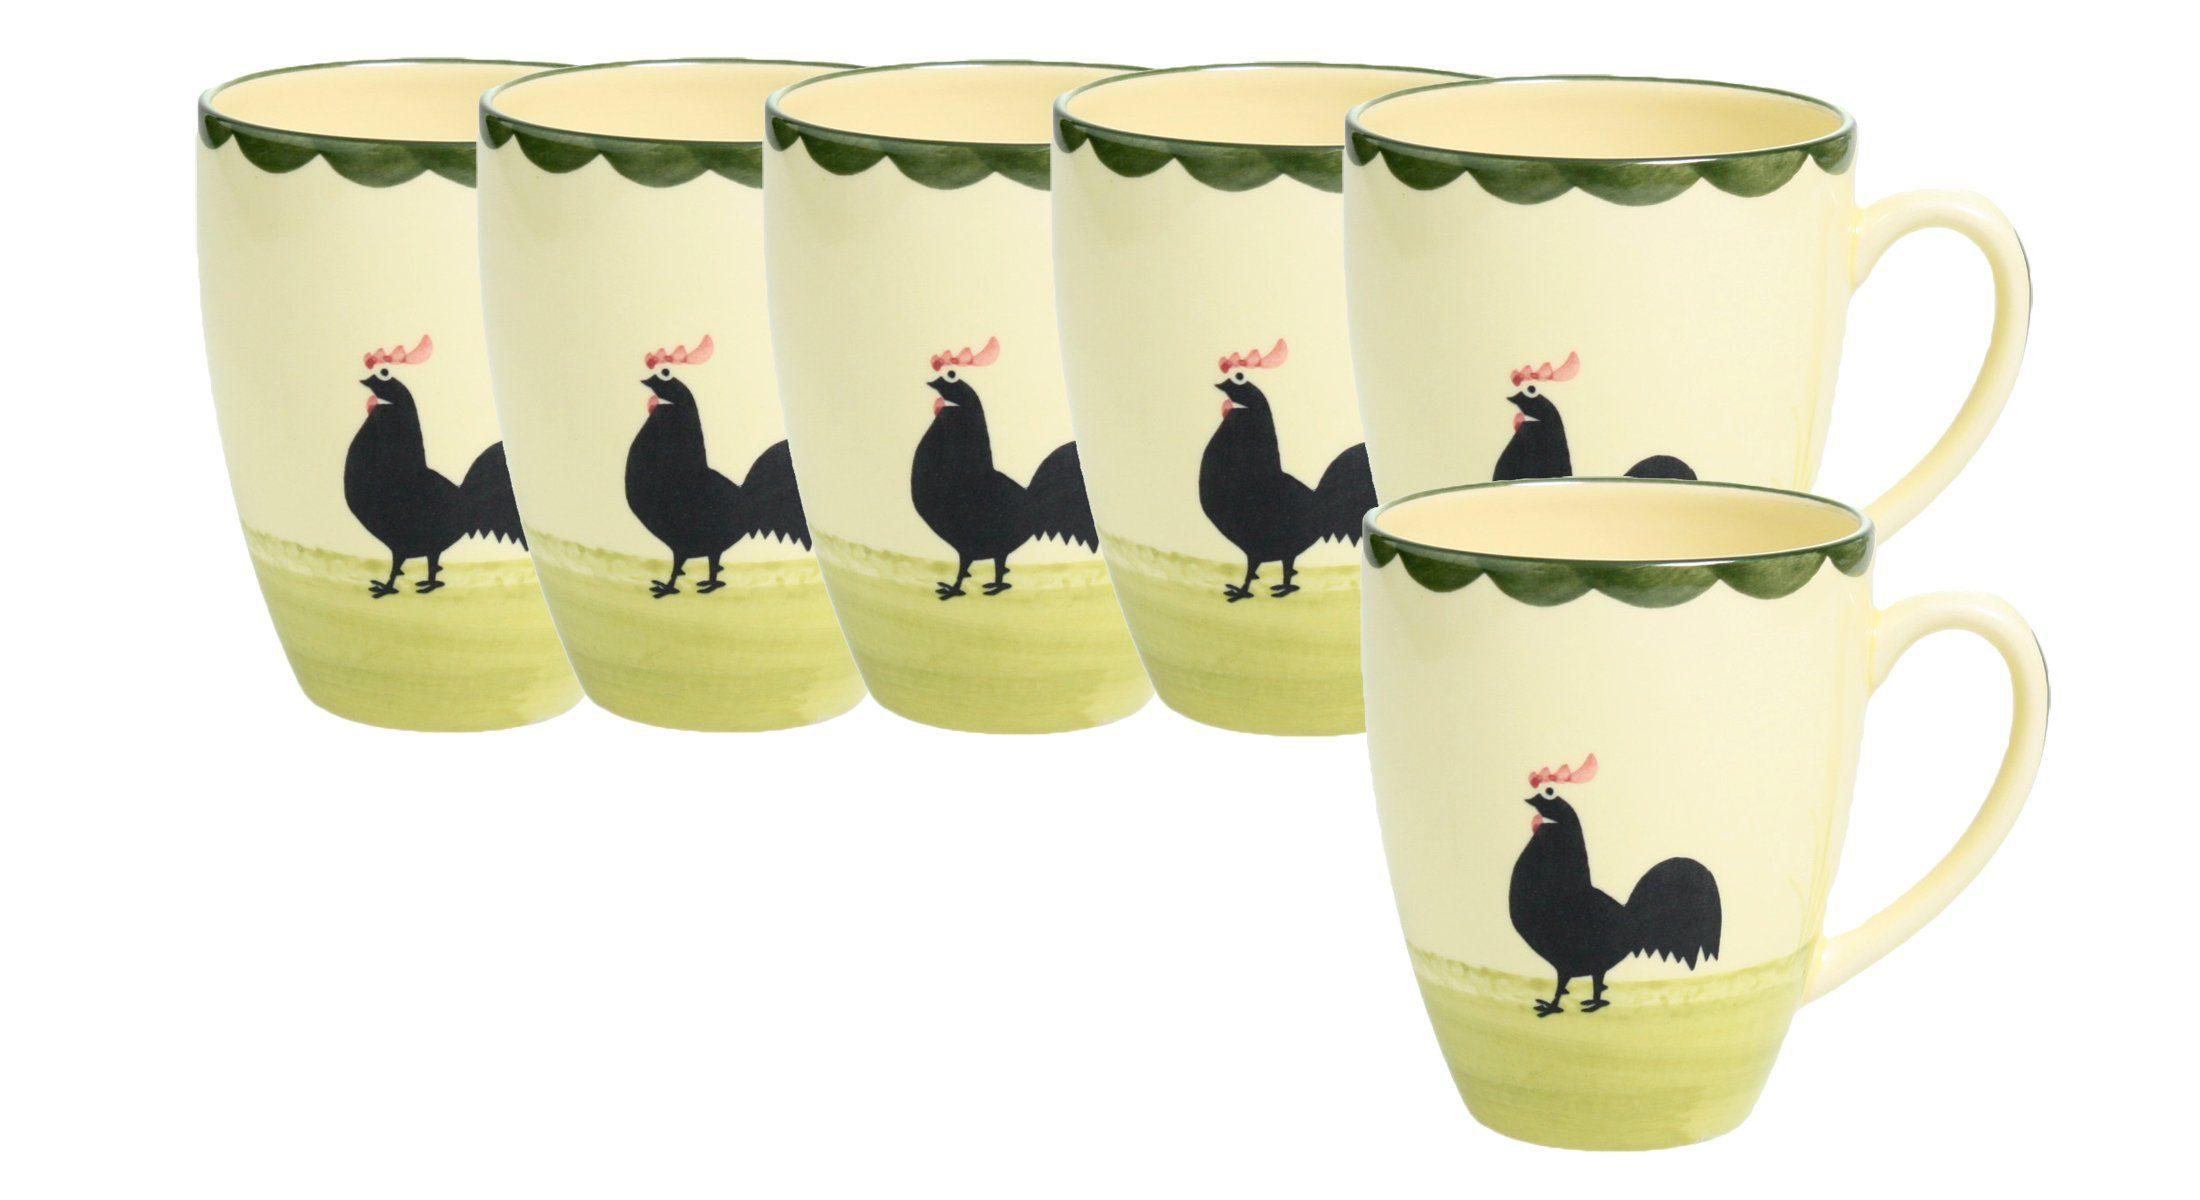 Zeller Keramik Milchkaffee Obertasse 6er-Set »Hahn und Henne«